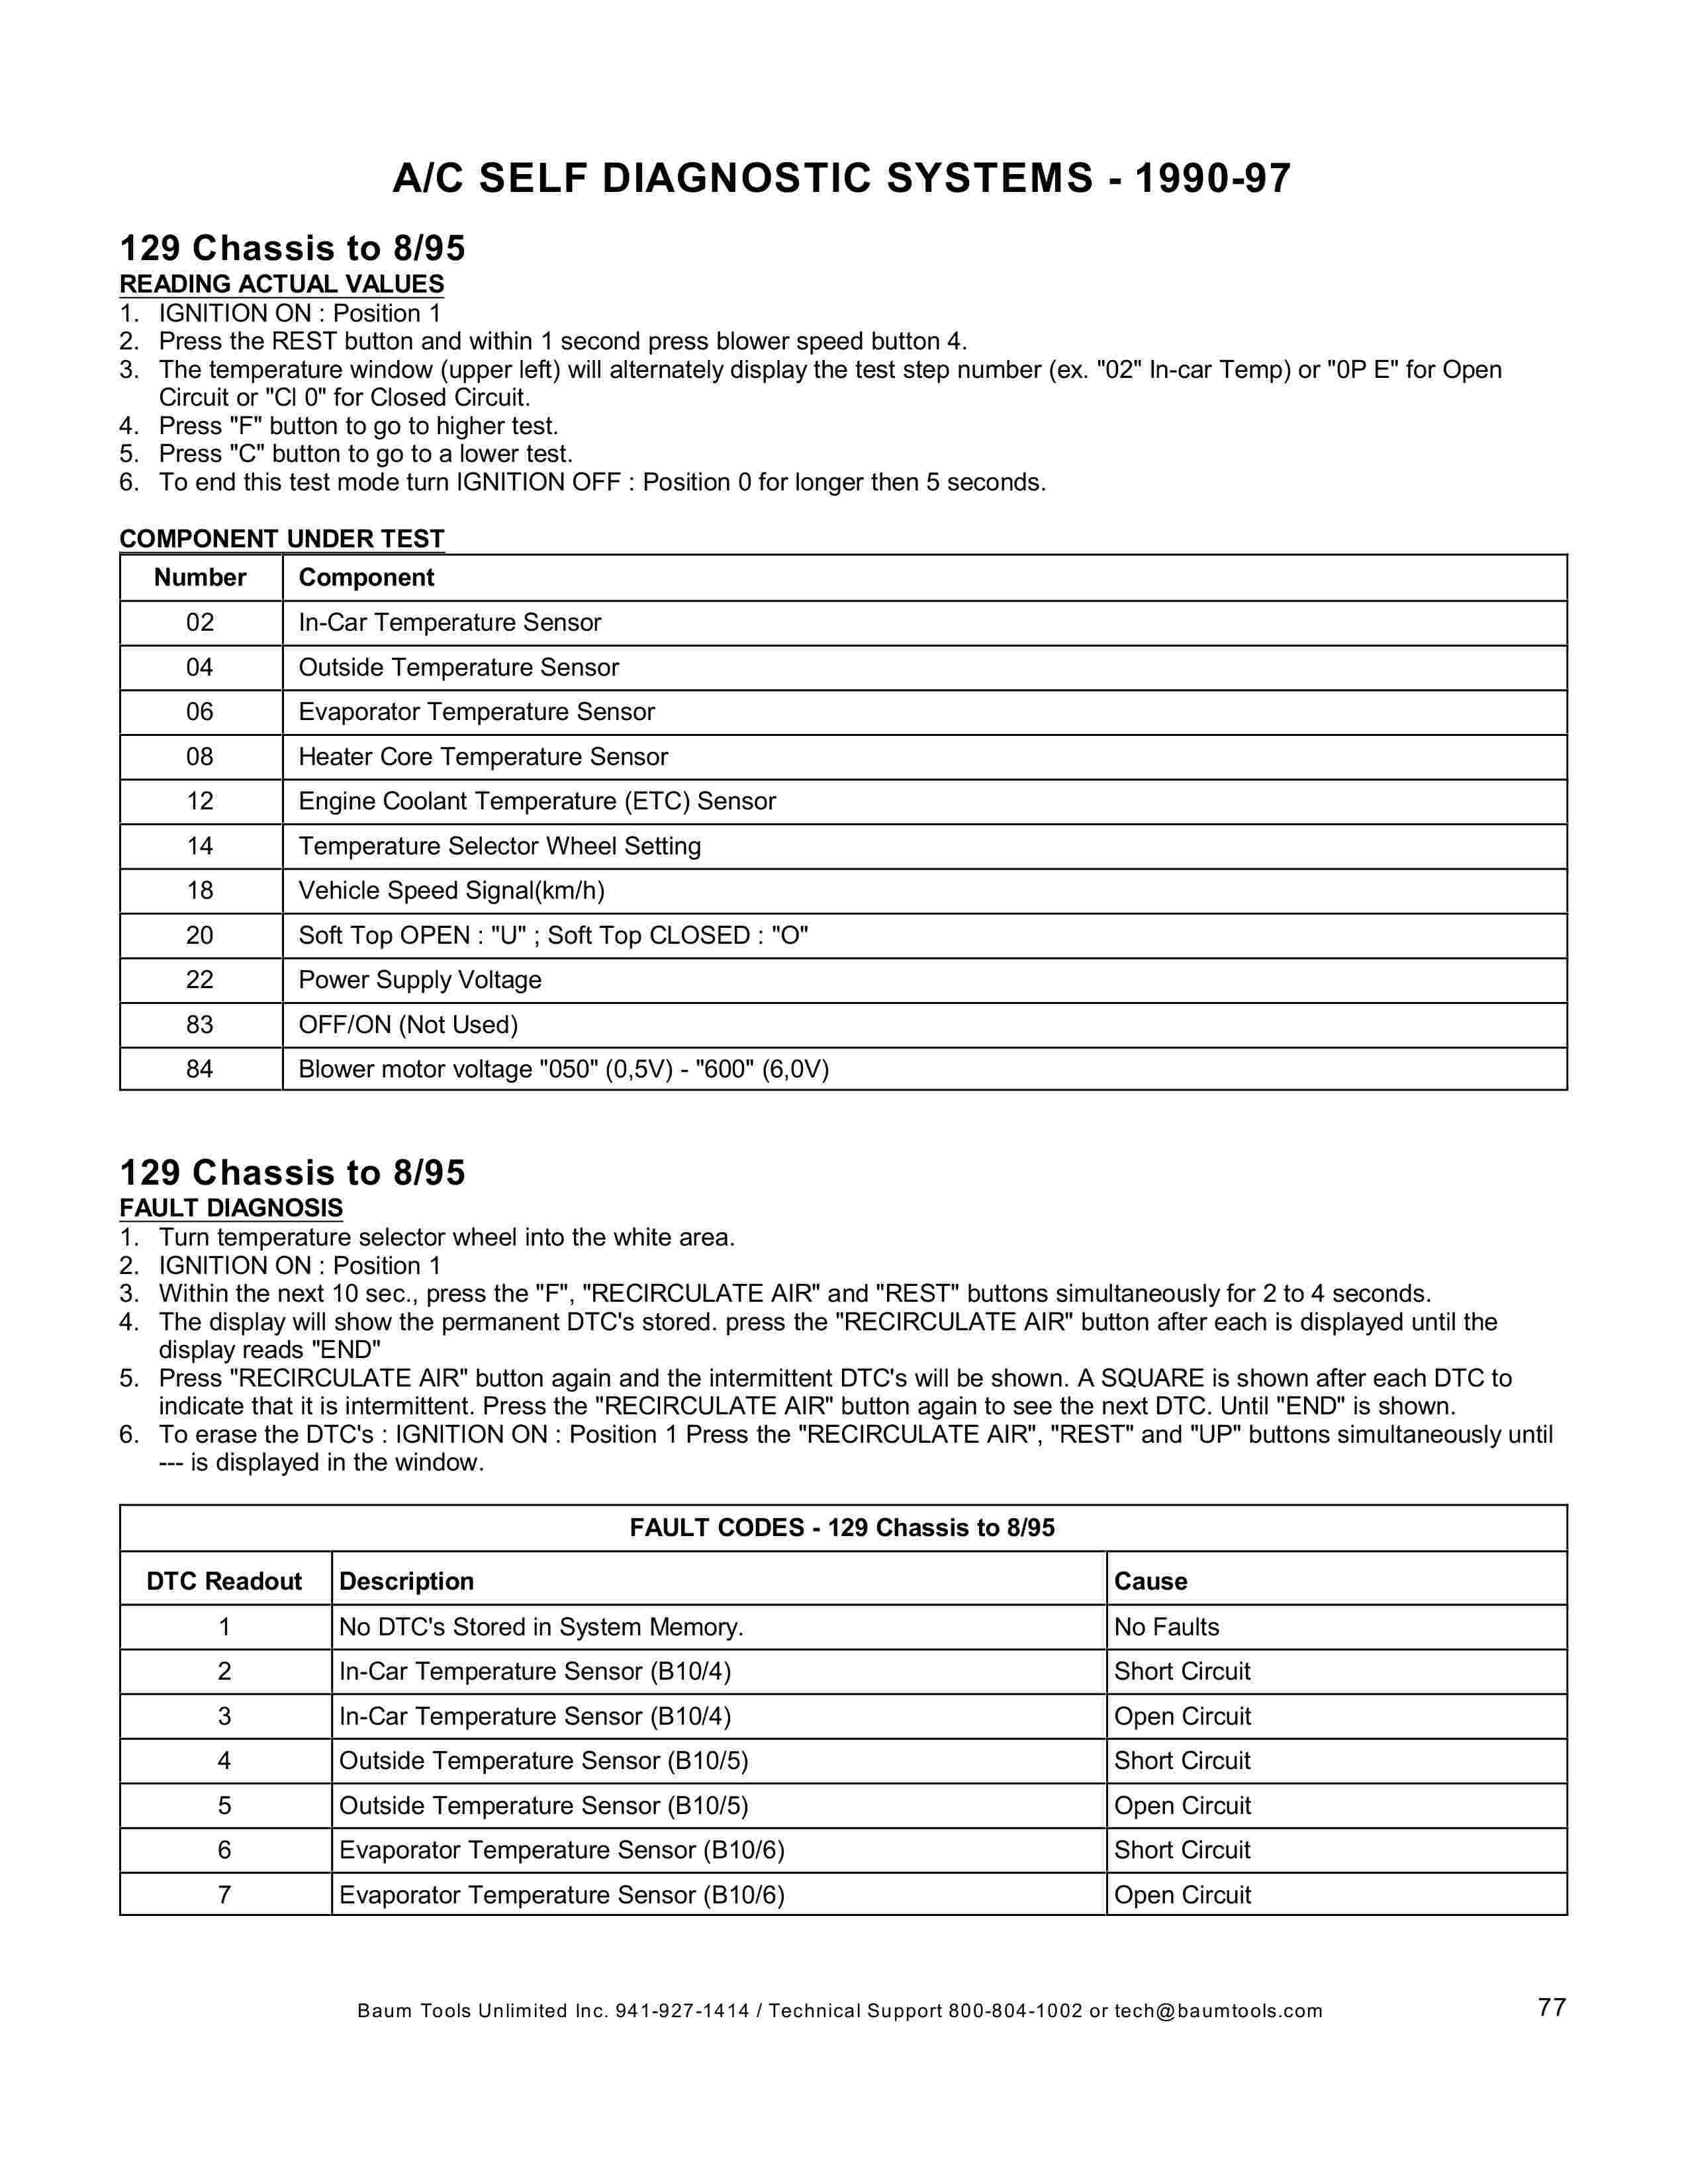 (AJUDA GERAL): Manual de códigos das falhas - analógico e digital - 1988 a 2000 007712